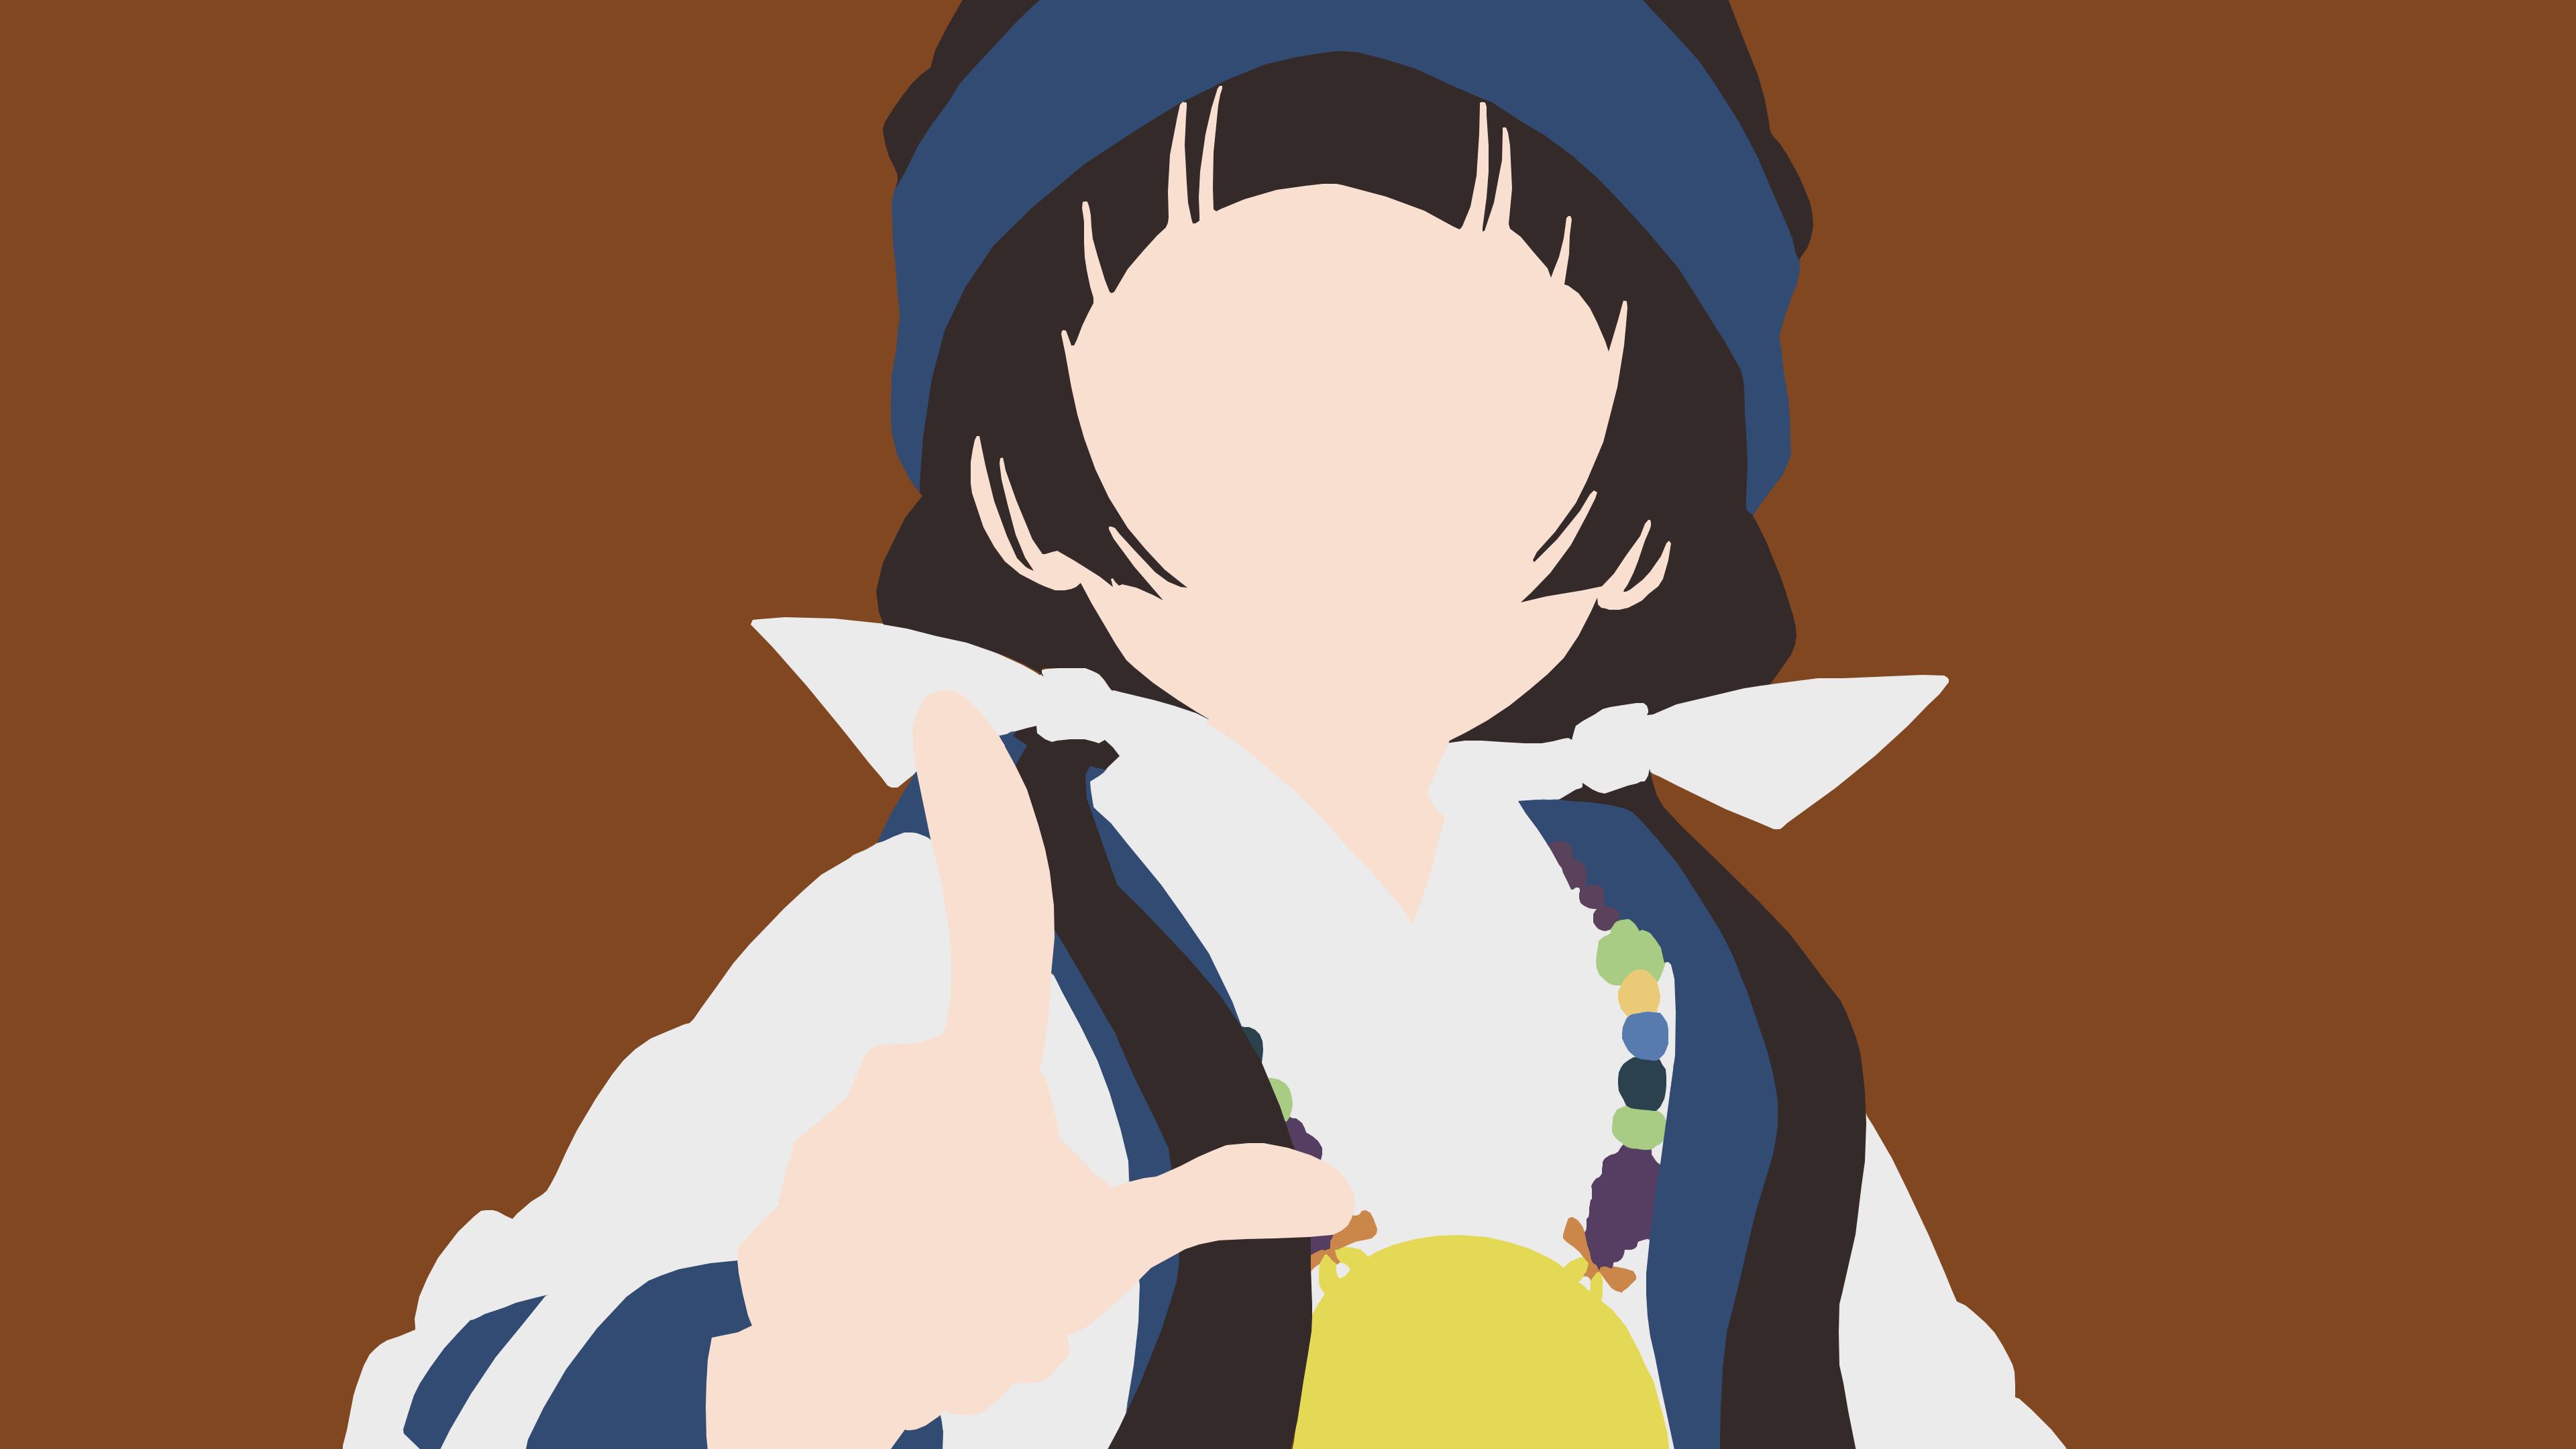 Wallpaper Kuma Miko Anime Girls Machi Amayadori 3840x2160 Images, Photos, Reviews